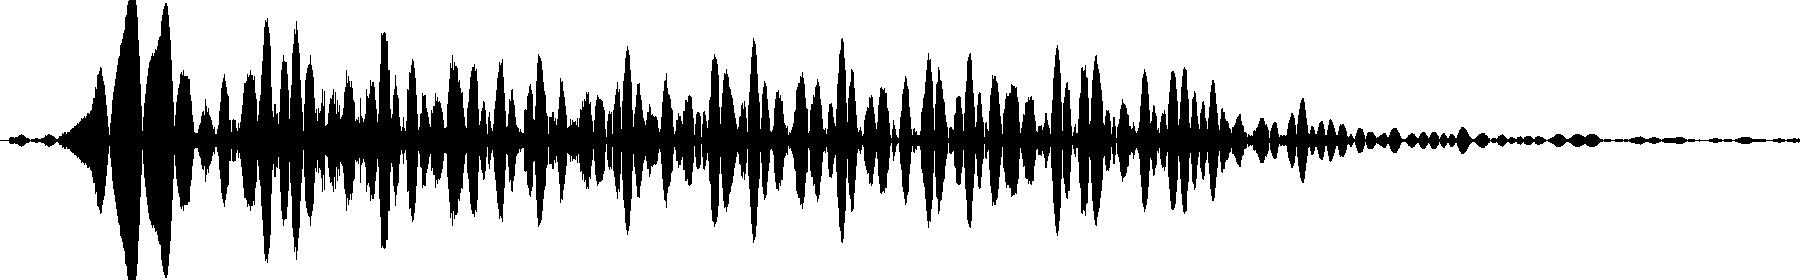 veh2 synths   044 c